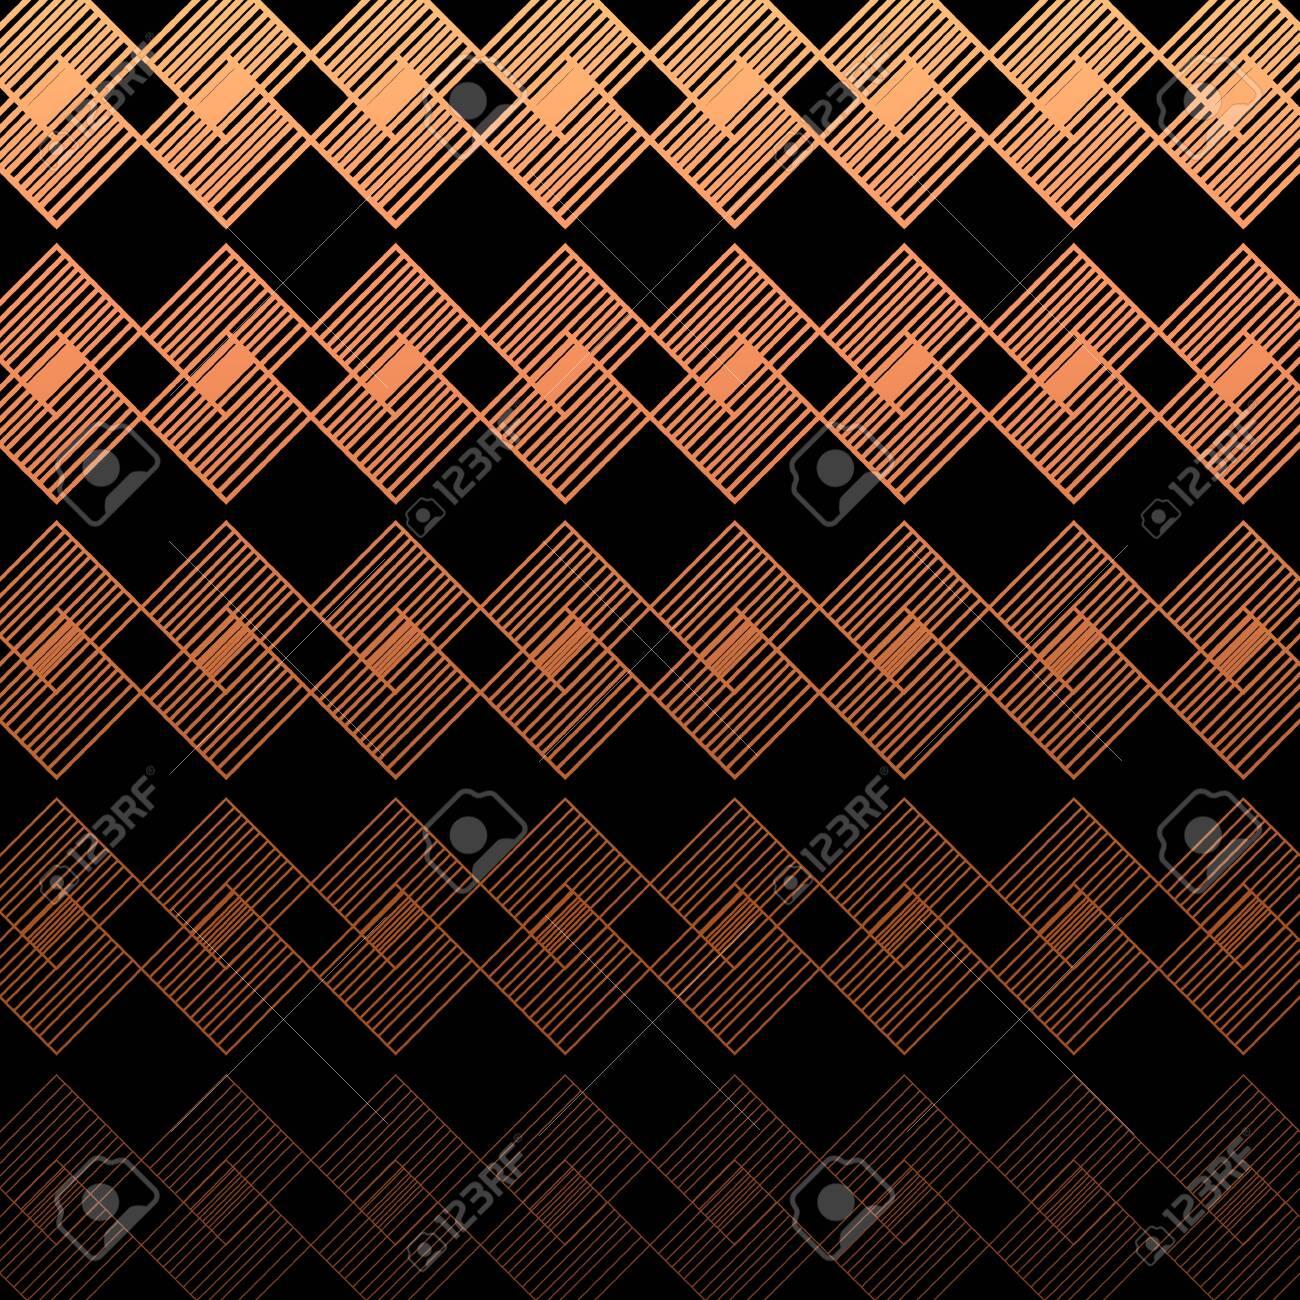 Modern Linear Geometric Pattern. Glowing Background. Linear Gradient - 153129688